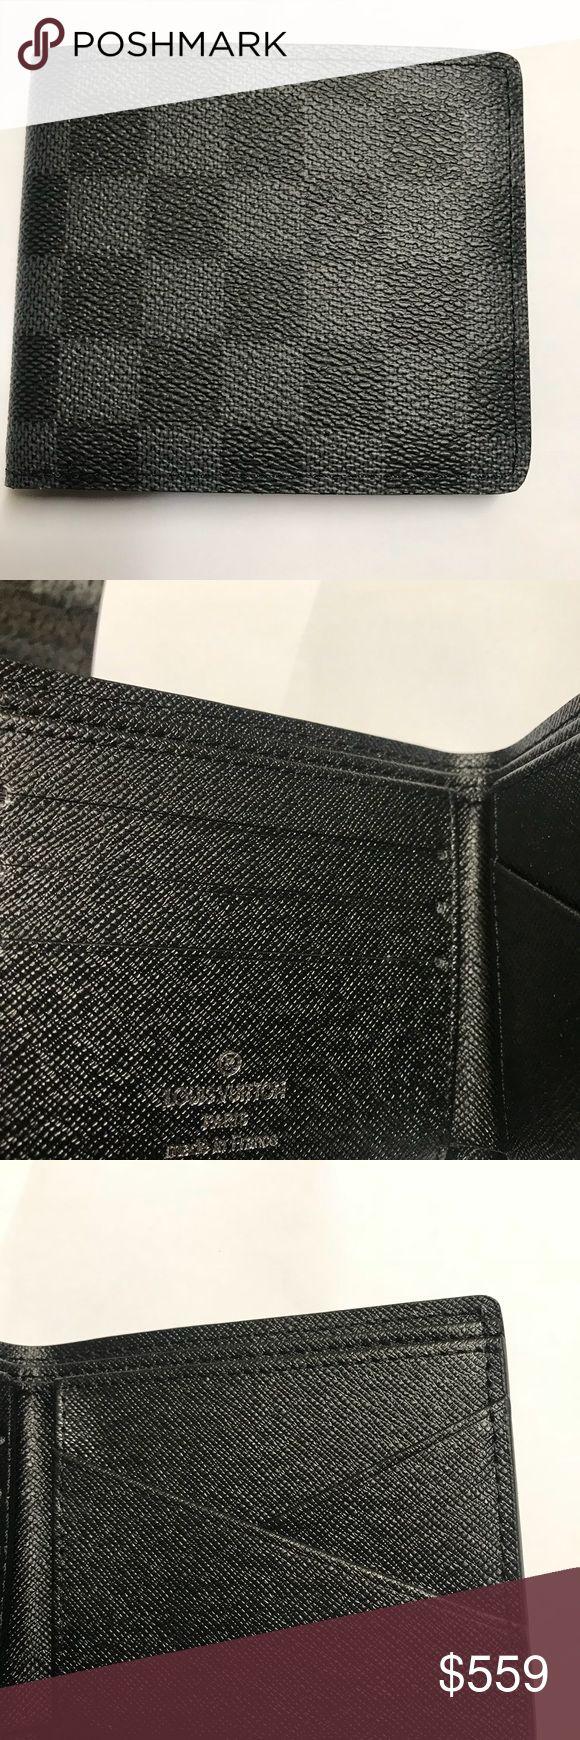 Louis Vuitton black men wallet New with box Louis Vuitton Bags Wallets